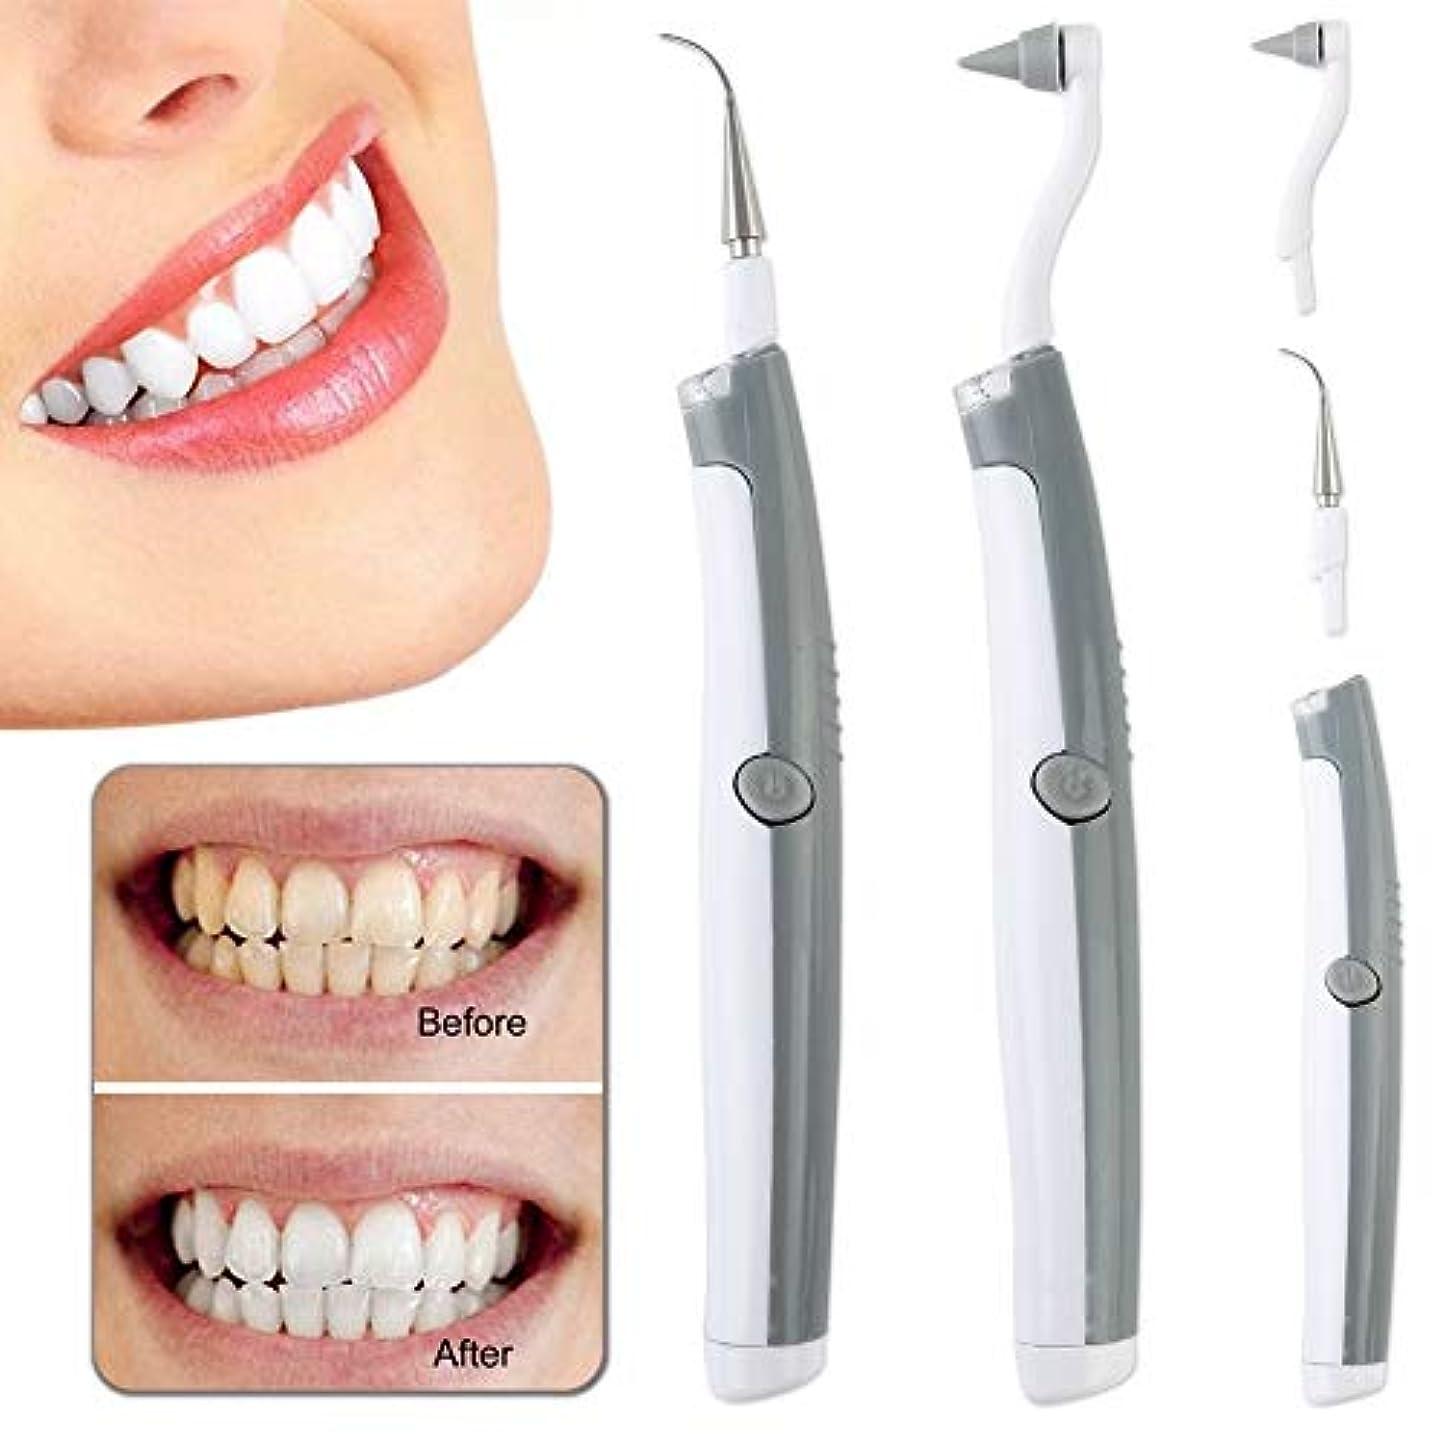 ジョリー改修四面体Six-Bullotime 歯用ツール 電動 歯清潔 歯の消しゴム 多機能の電動のLED歯科用ツールキットオーラルケア 歯間クリーナー 歯磨き 歯石取り 口腔洗浄器 口臭防止